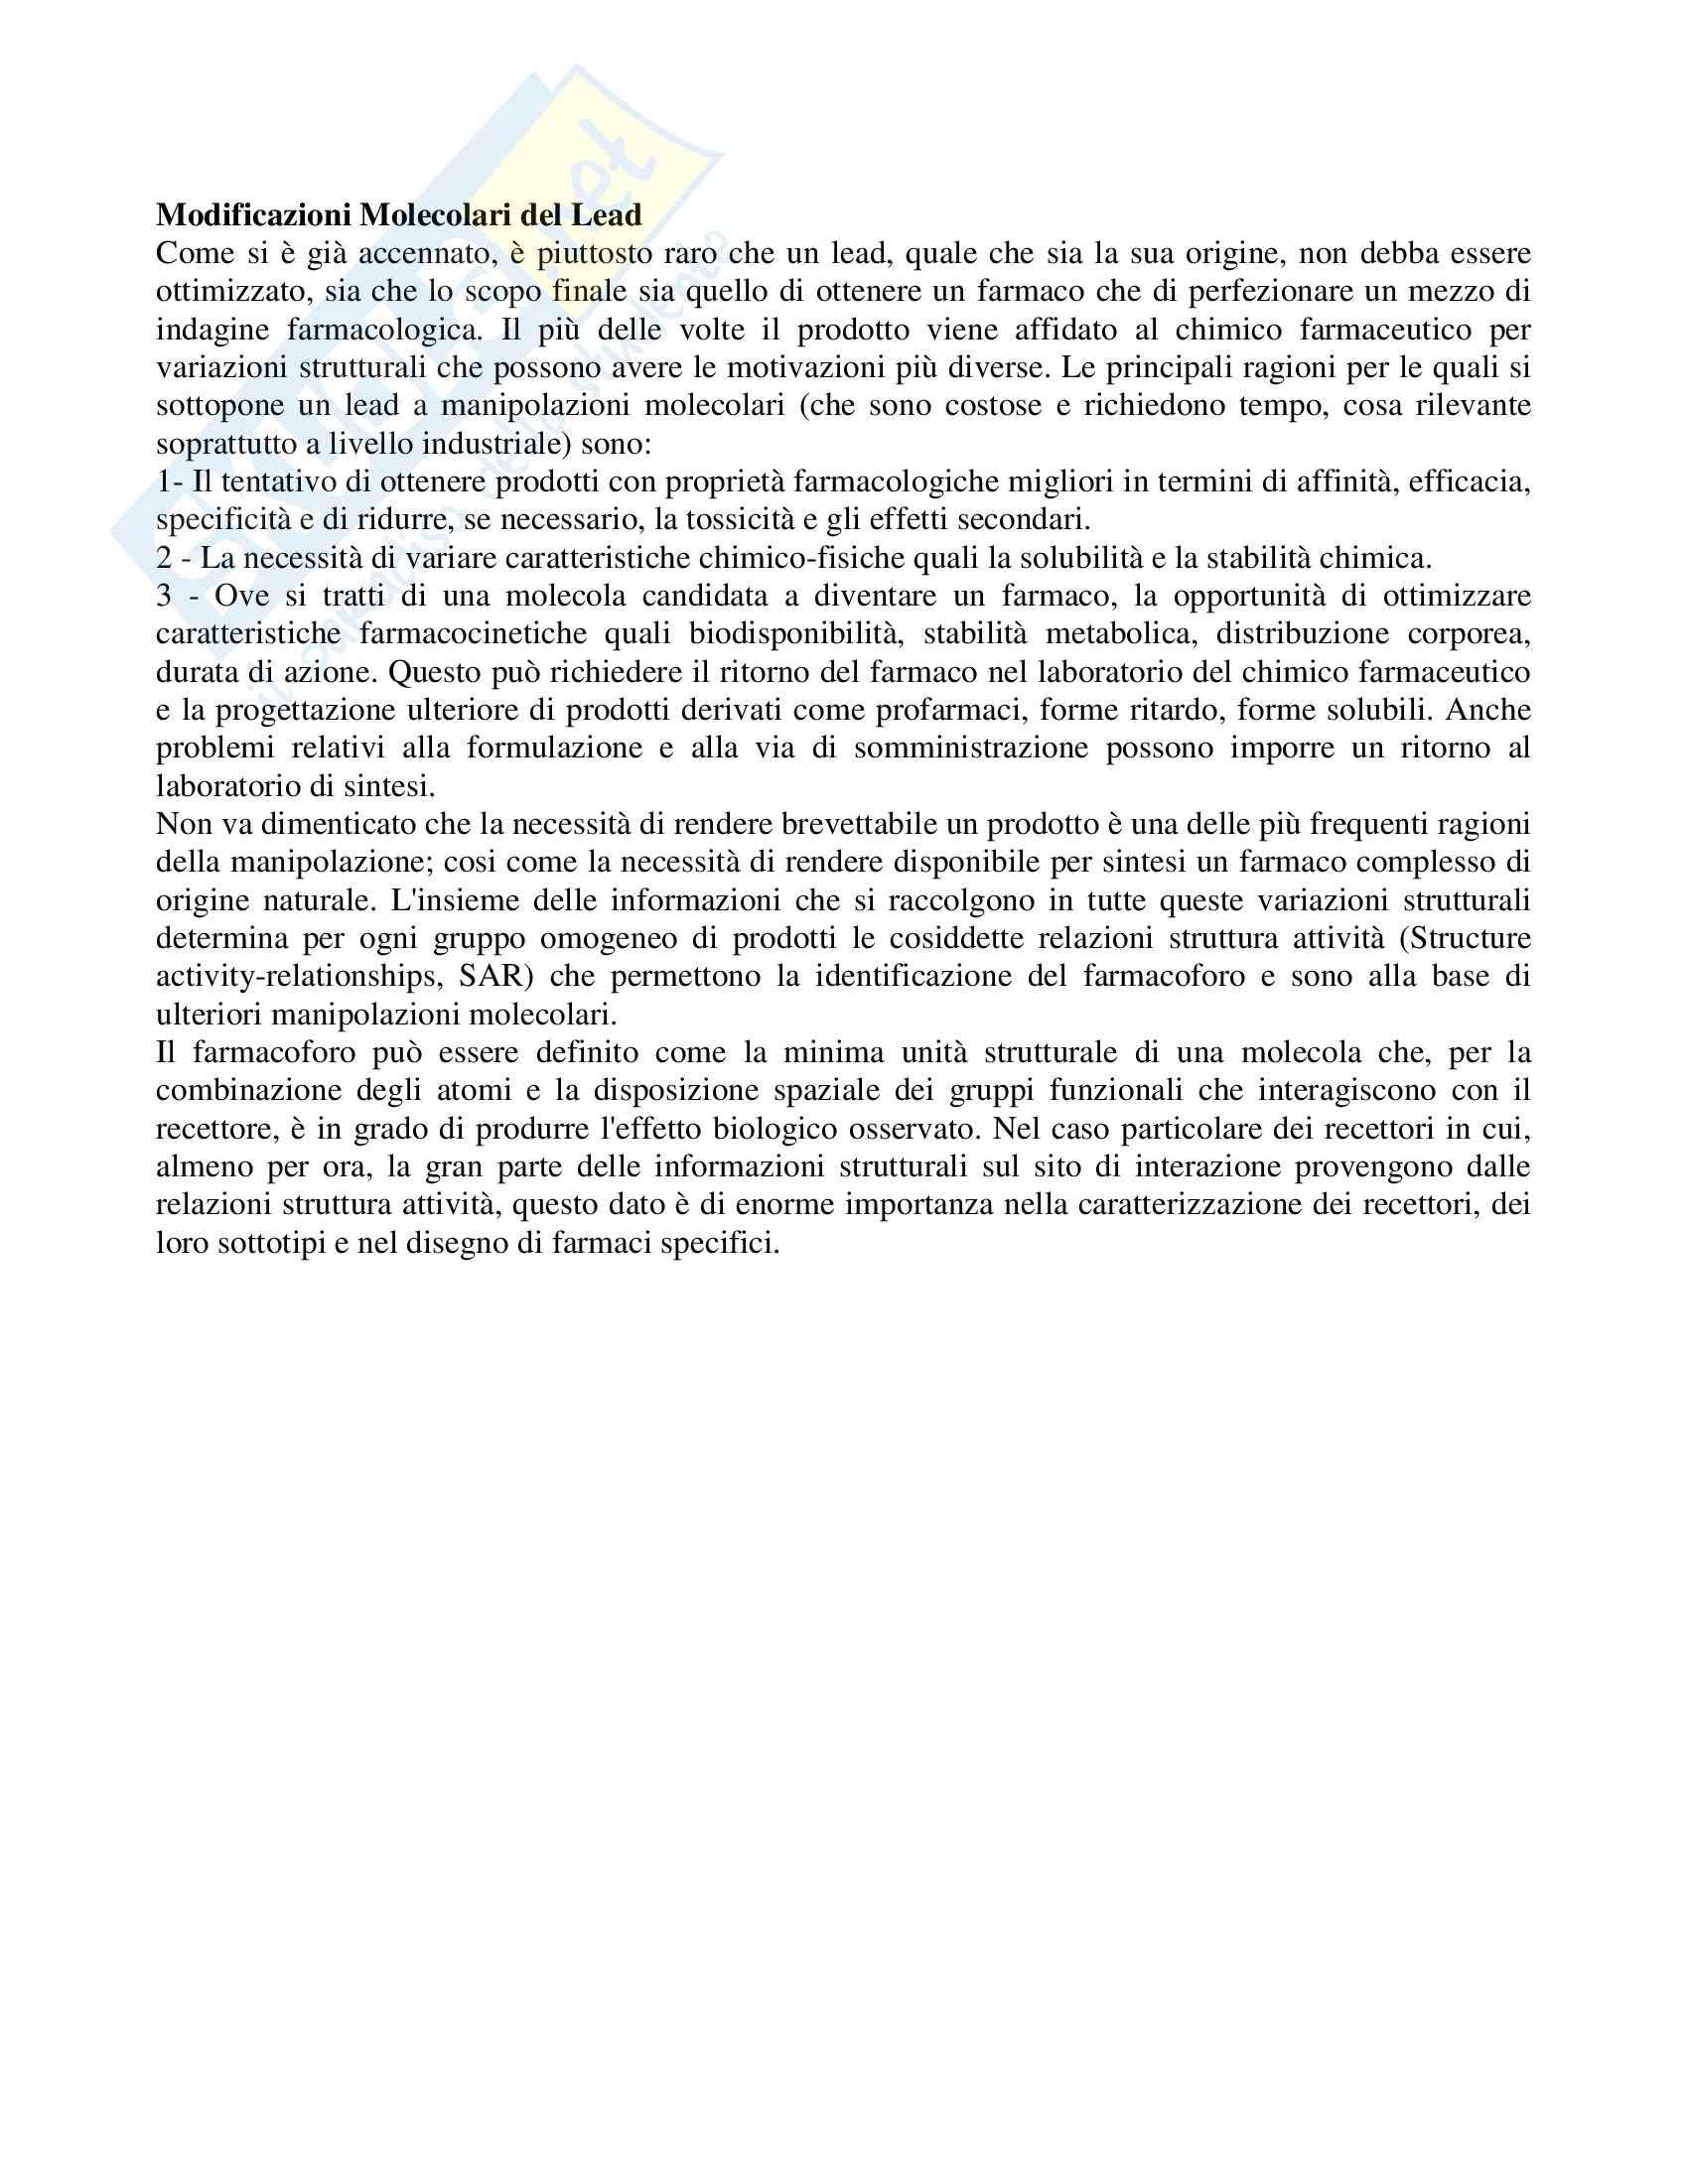 Chimica farmaceutica - progettazione lead ed eventuali Pag. 6